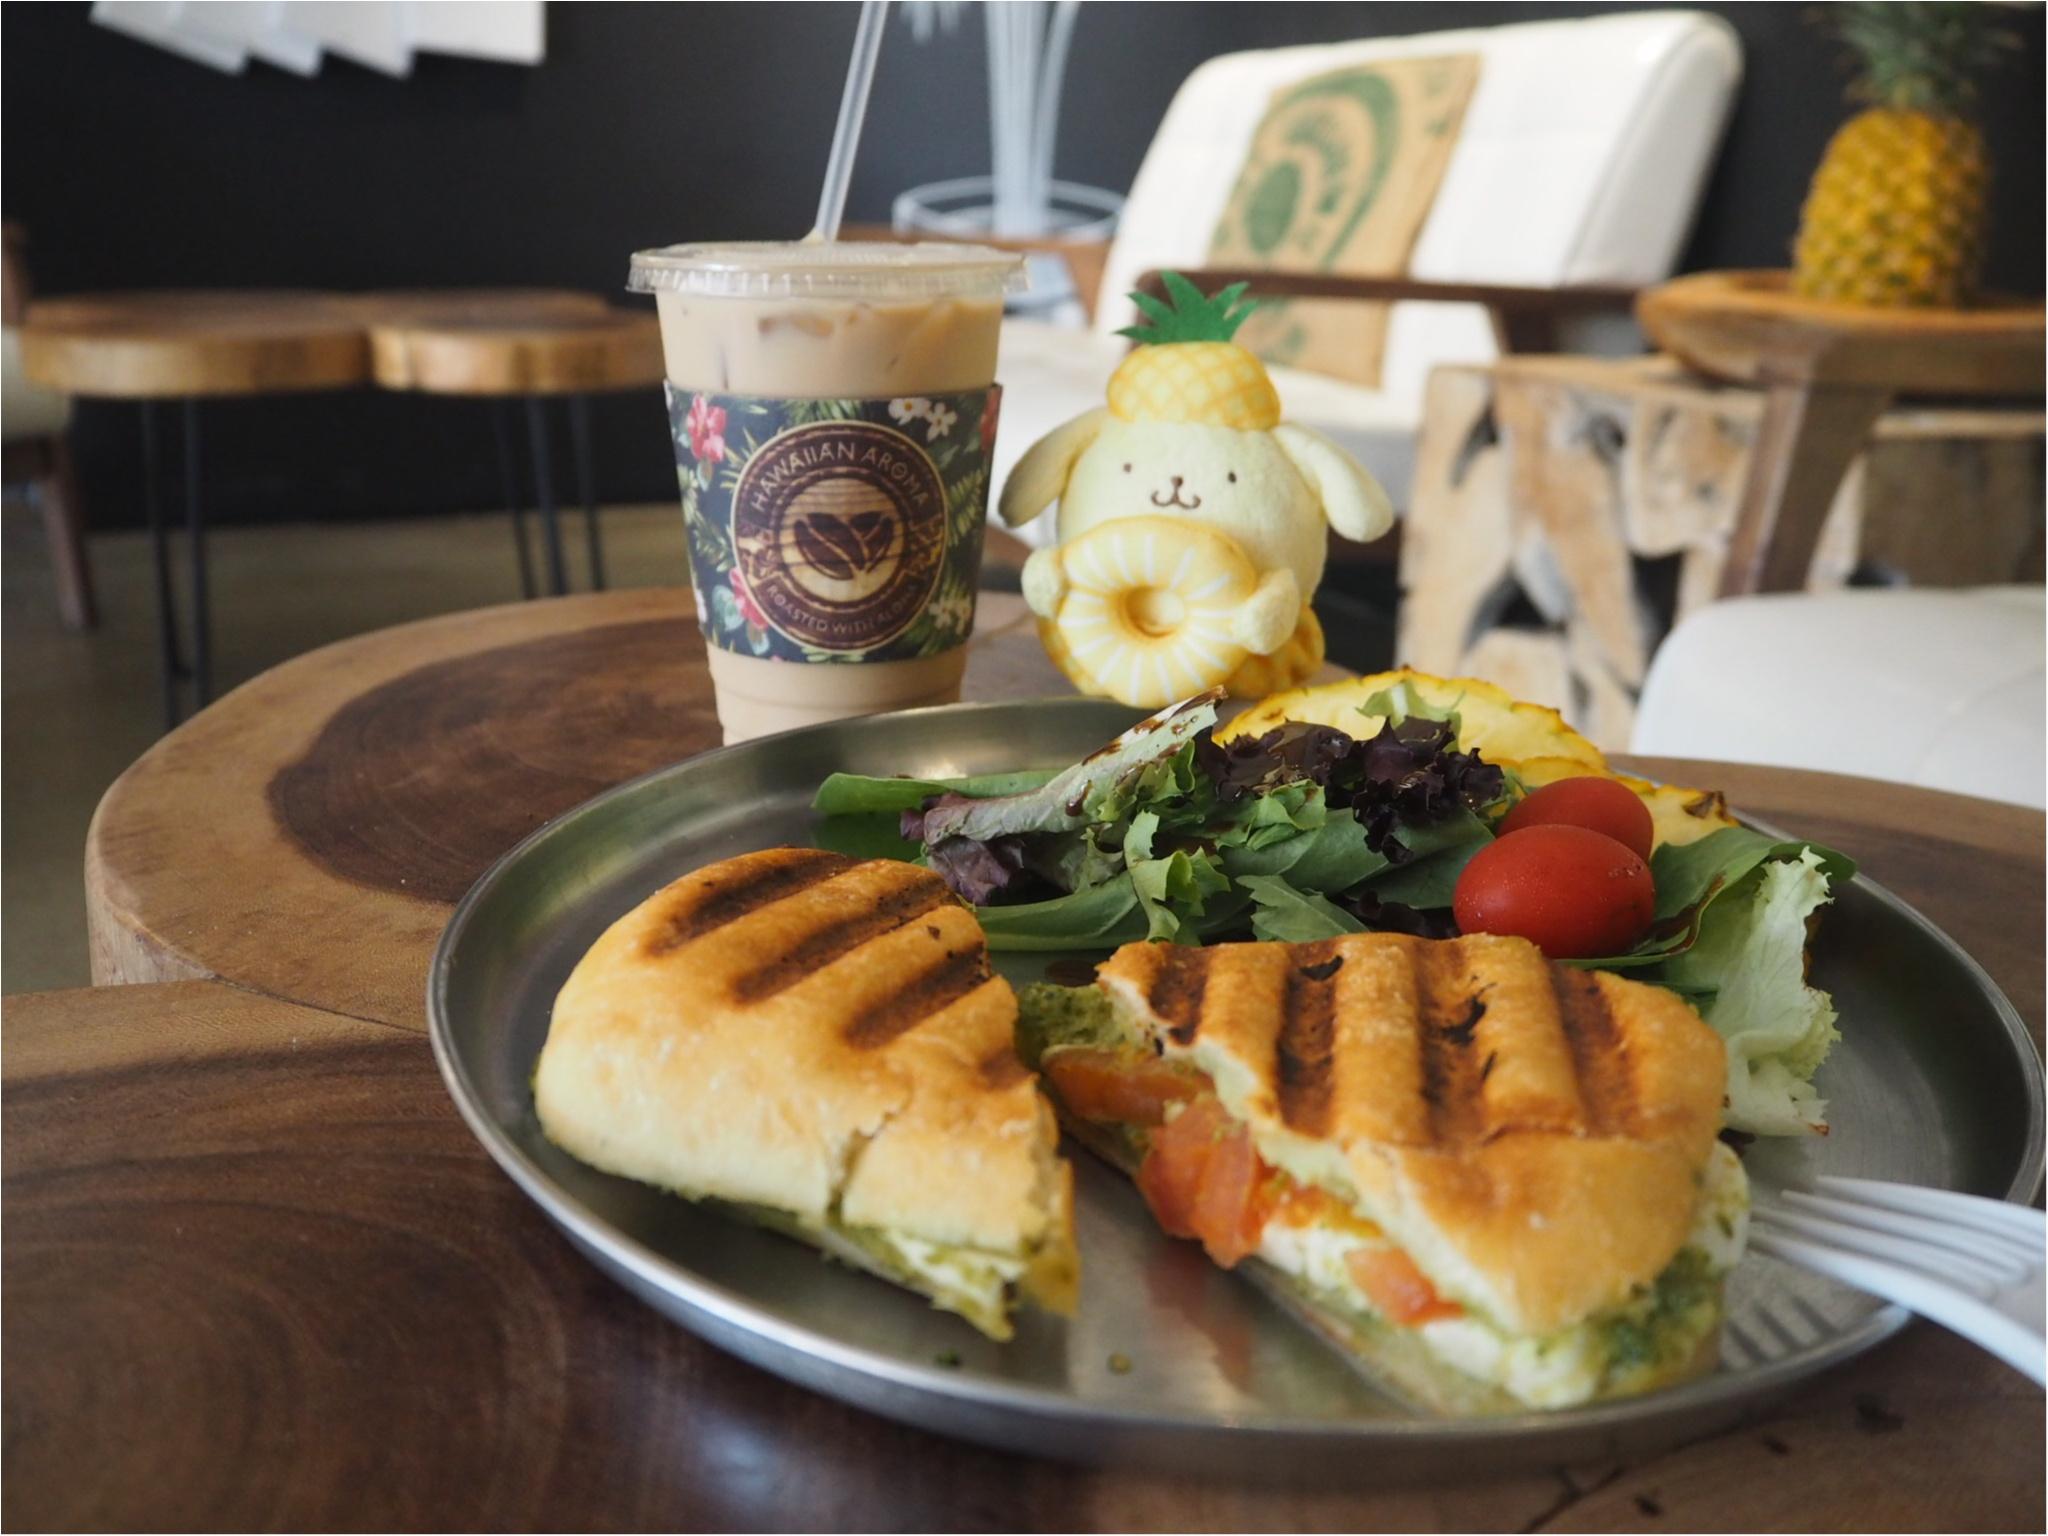 《今、ワイキキで一番オシャレでフォトジェニックなカフェ!》ハワイアン・アロマカフェでまったりブランチ♡♡(&旅行で役に立つプチ英語教室)_1